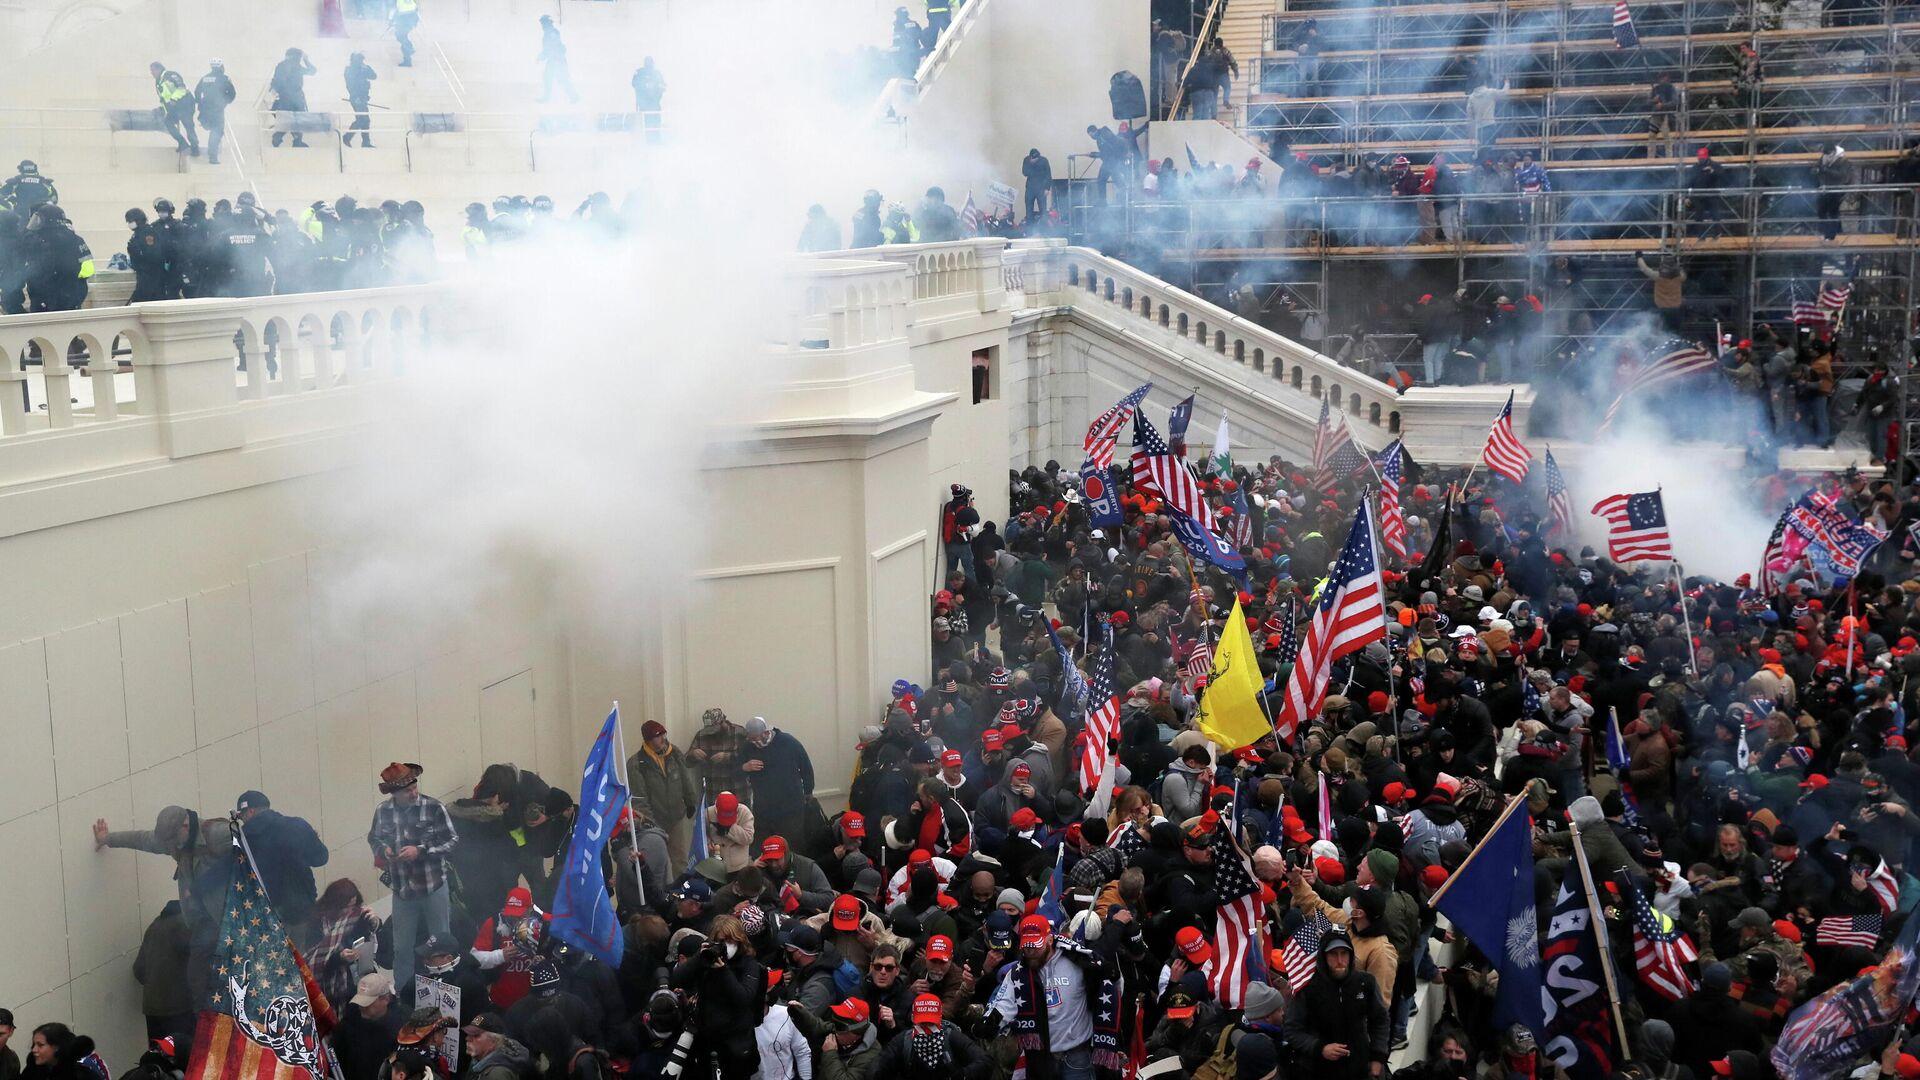 Акция протеста сторонников Дональда Трампа в Вашингтоне - РИА Новости, 1920, 13.01.2021